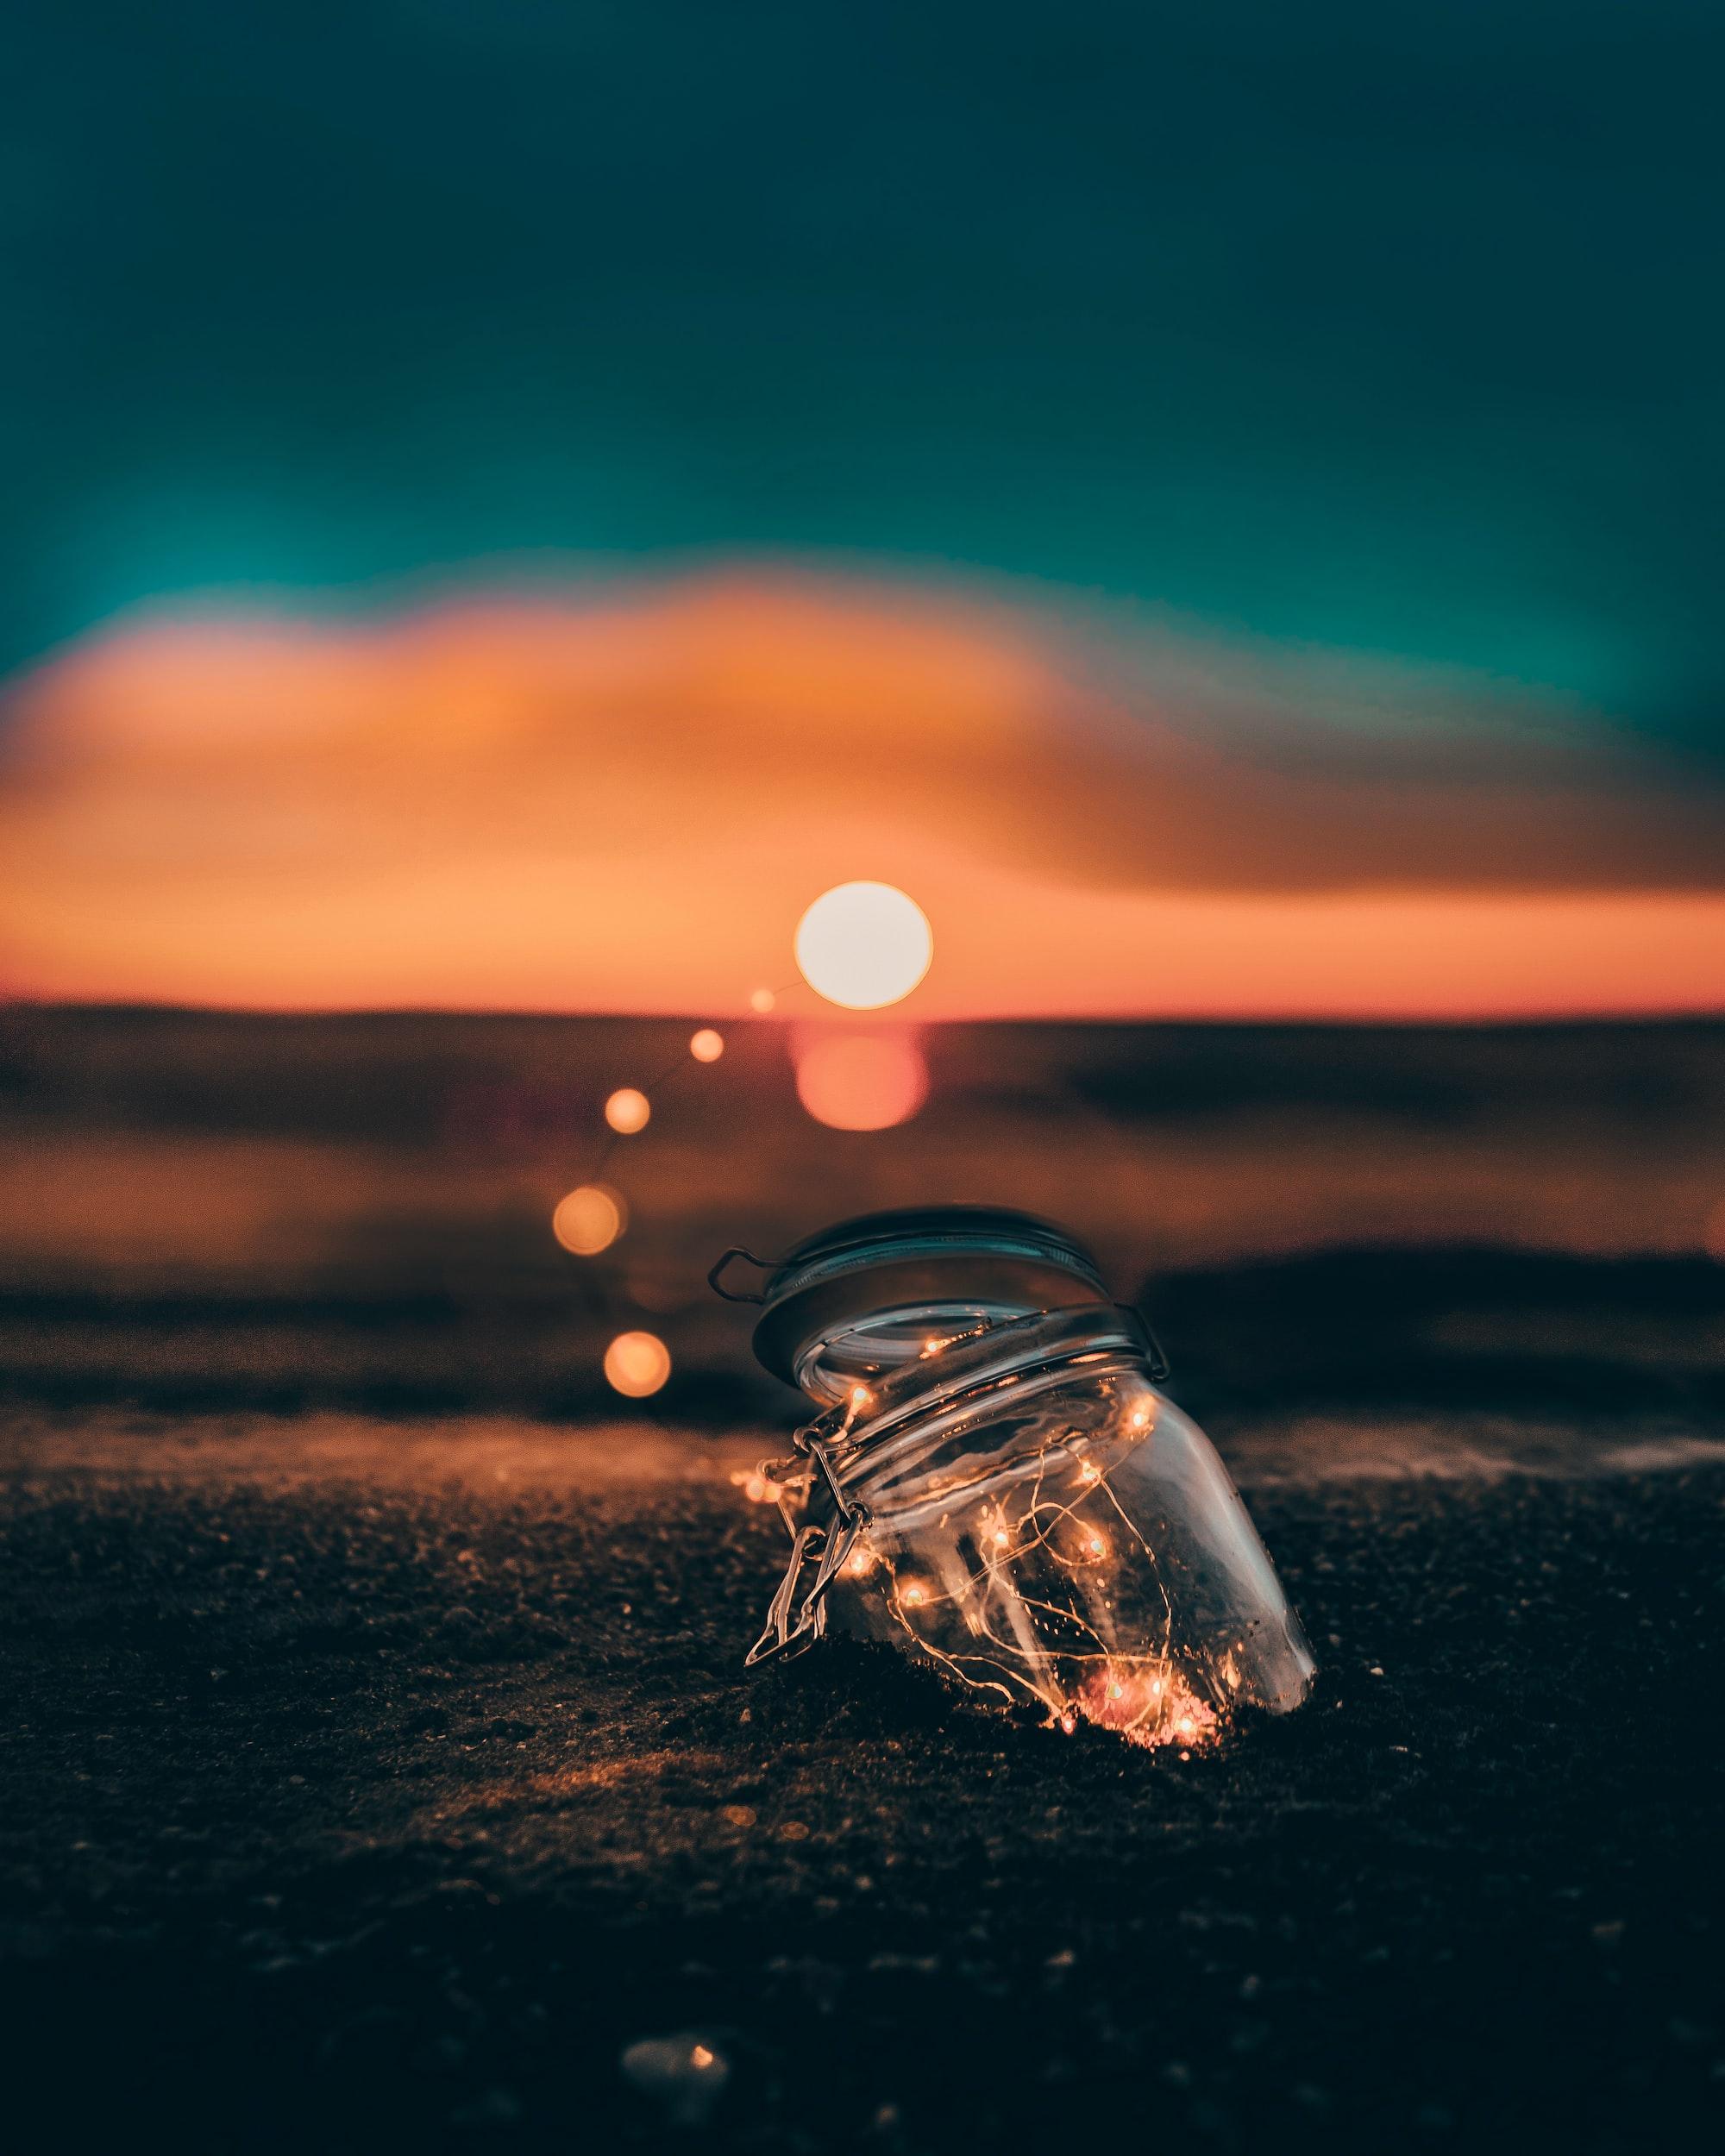 Свет в фотографии